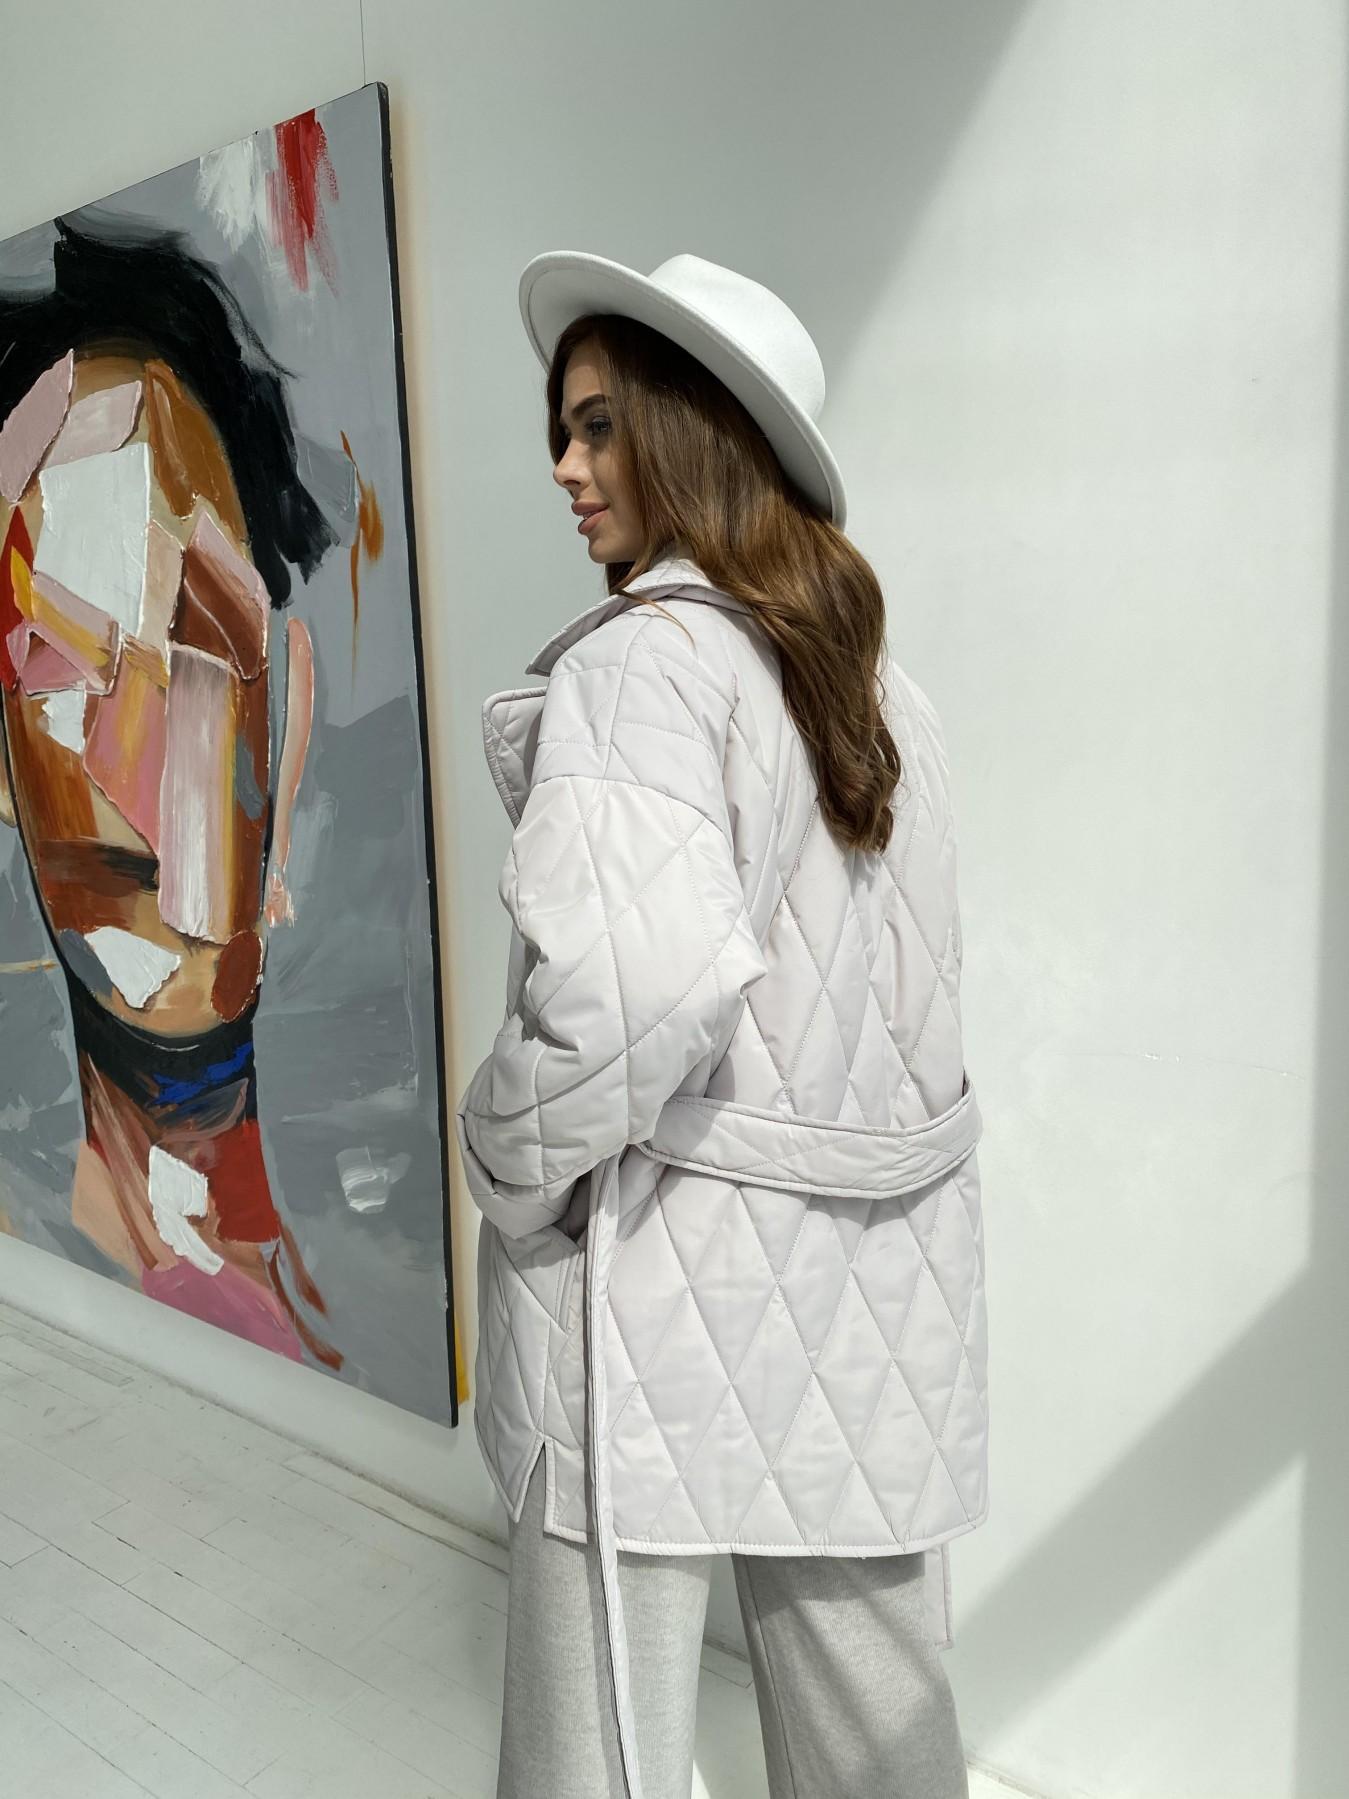 Норд стеганая куртка из плащеки 11770  АРТ. 48510 Цвет: Бежевый 971 - фото 3, интернет магазин tm-modus.ru